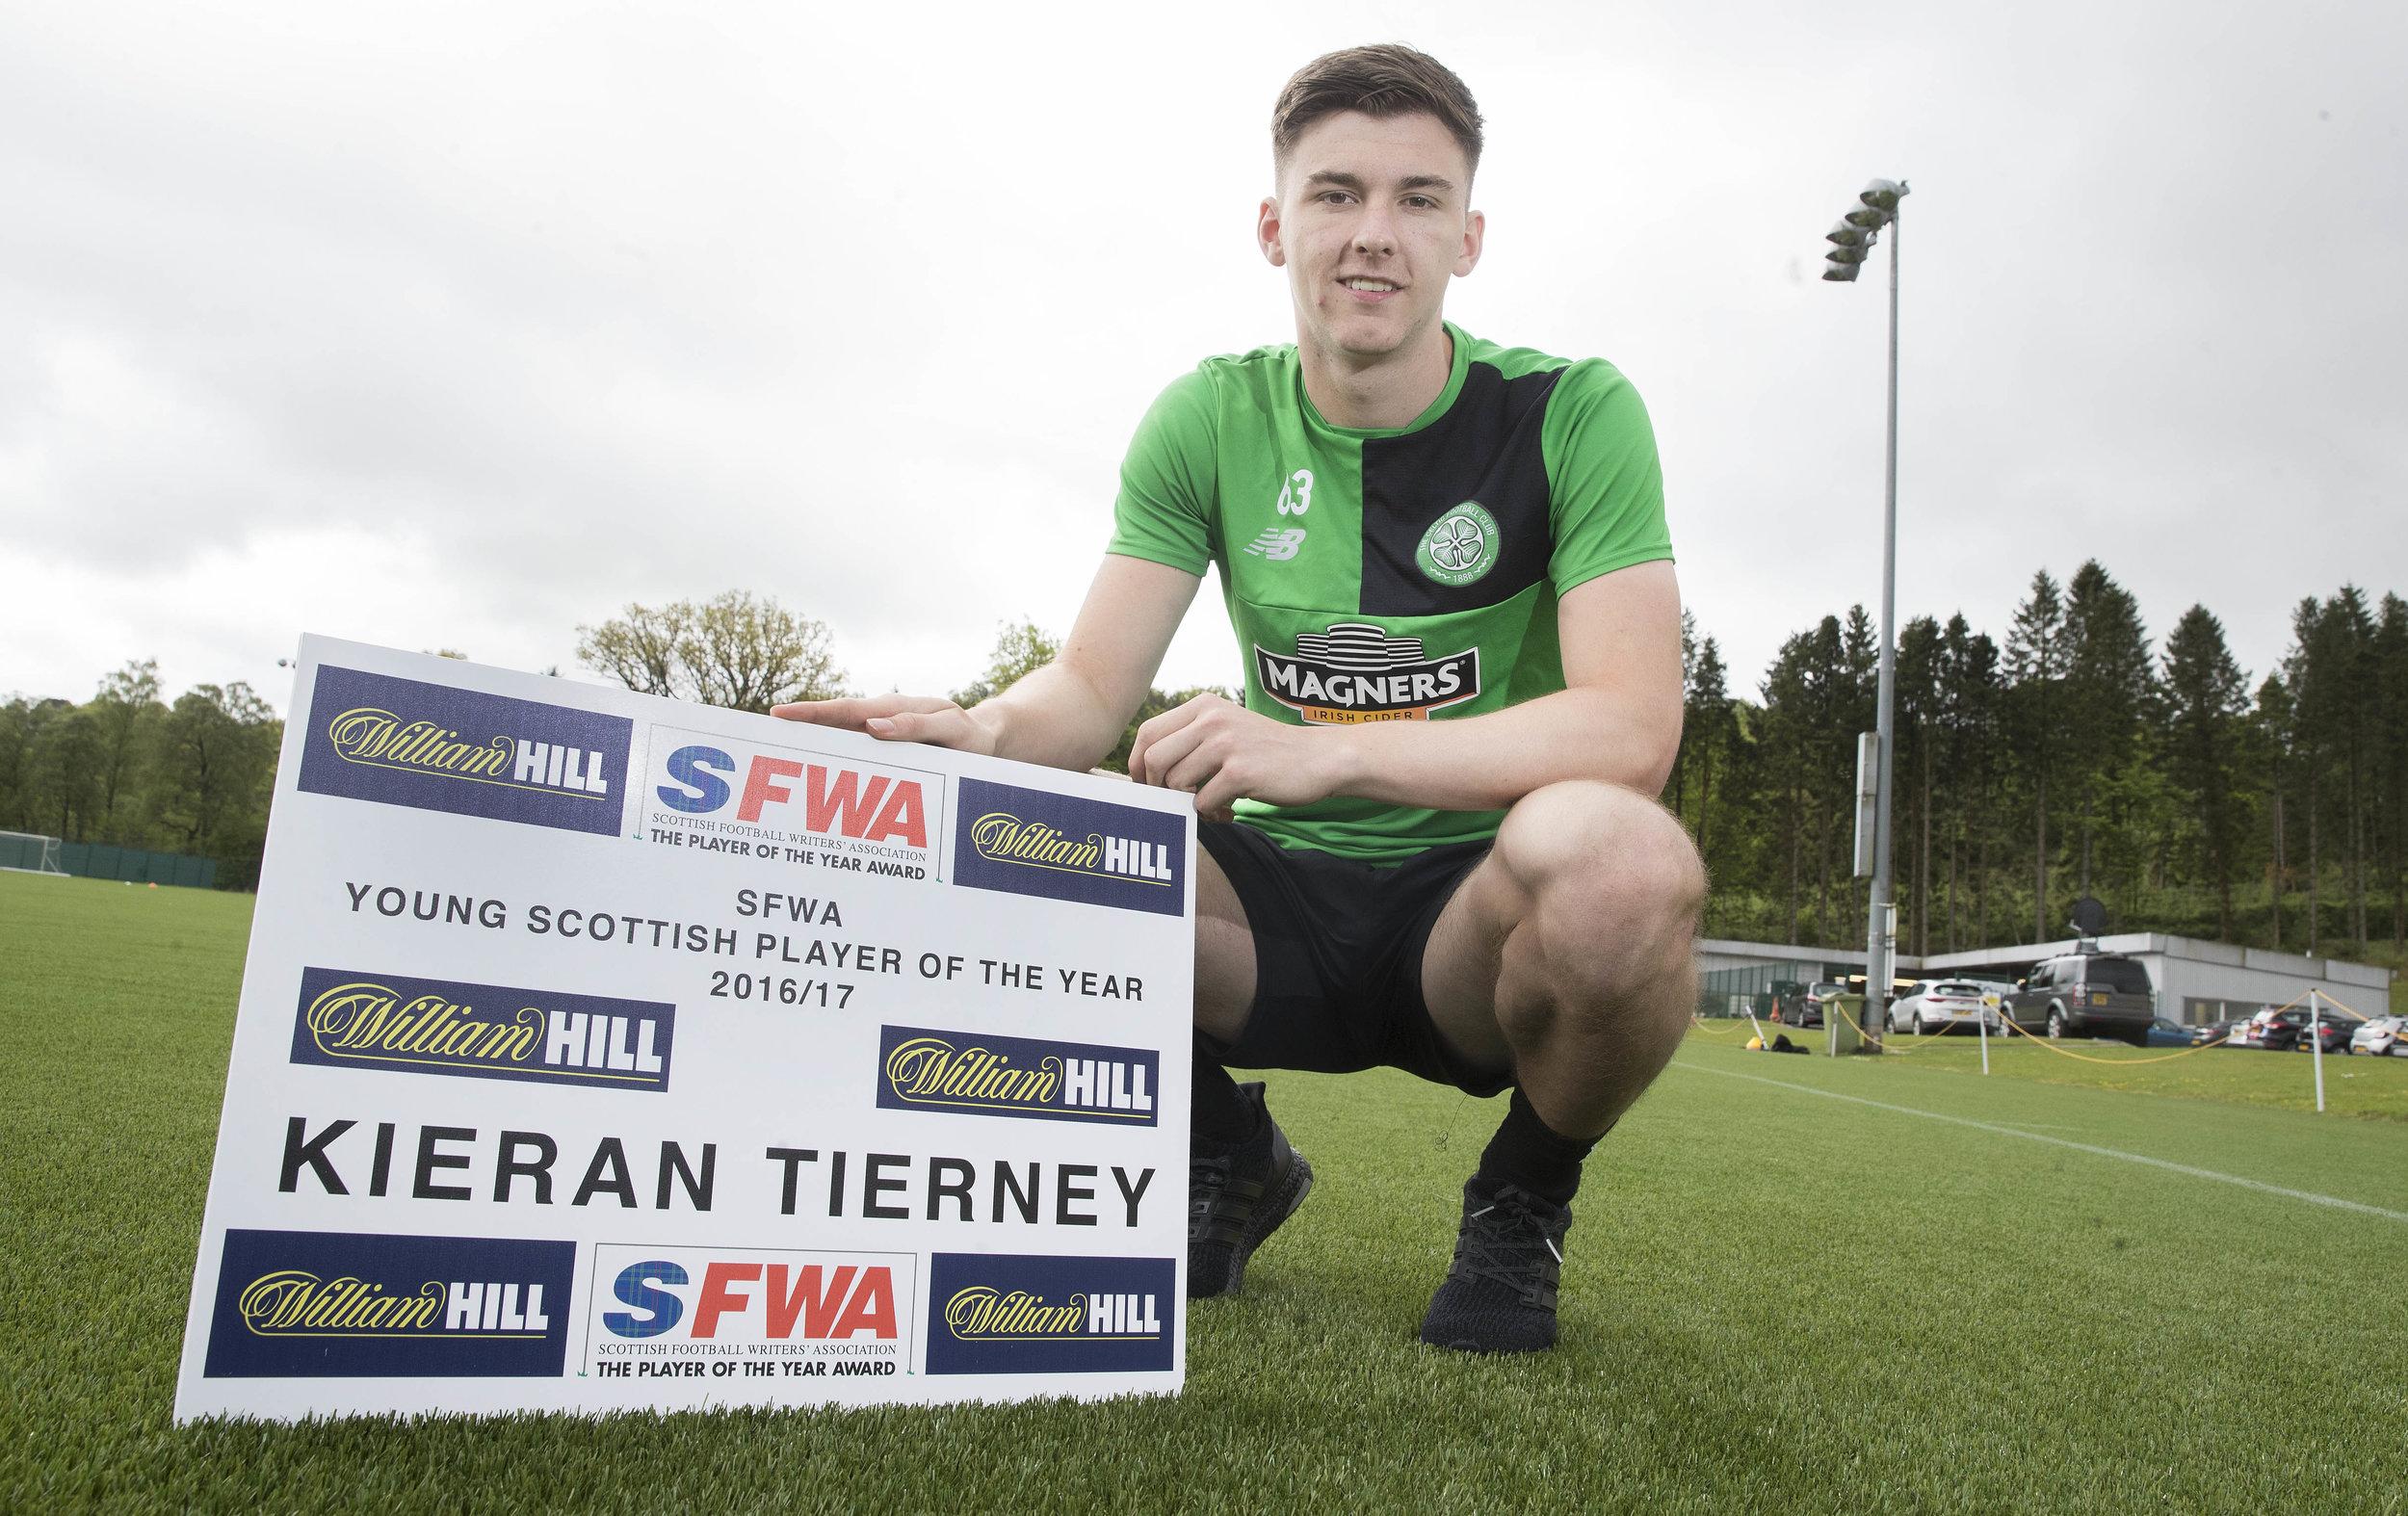 2017 Young Player Kieran Tierney